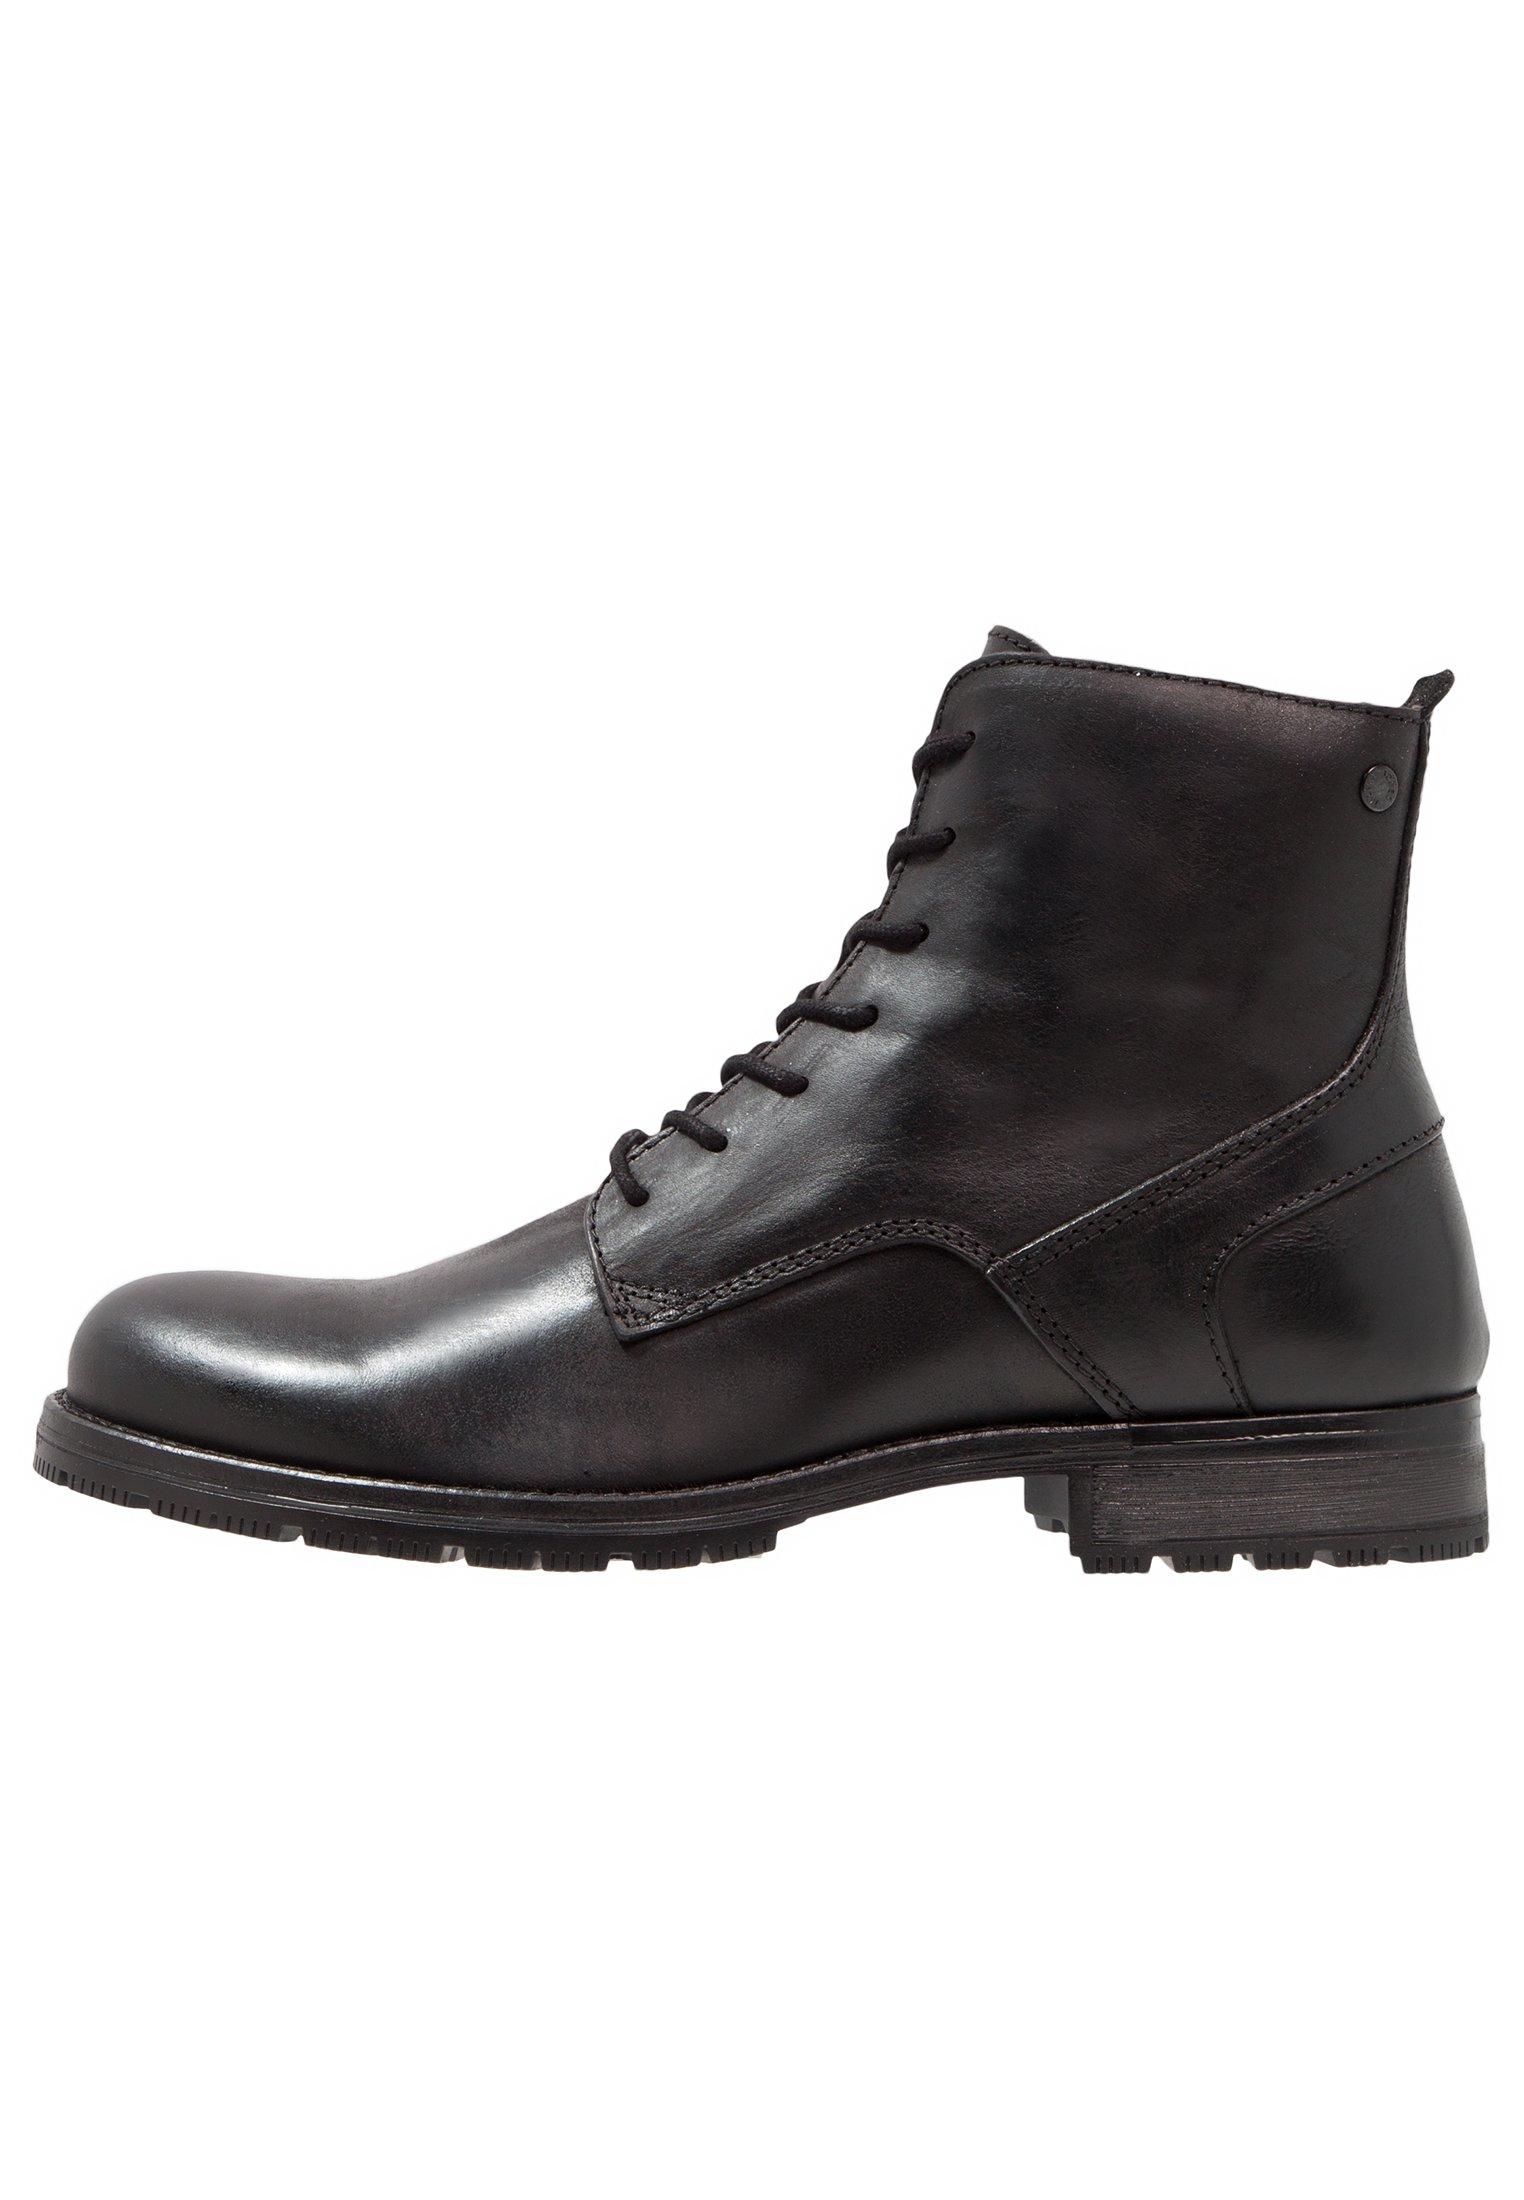 Bottes Classiques Homme Jack /& Jones Jfworca Leather Black